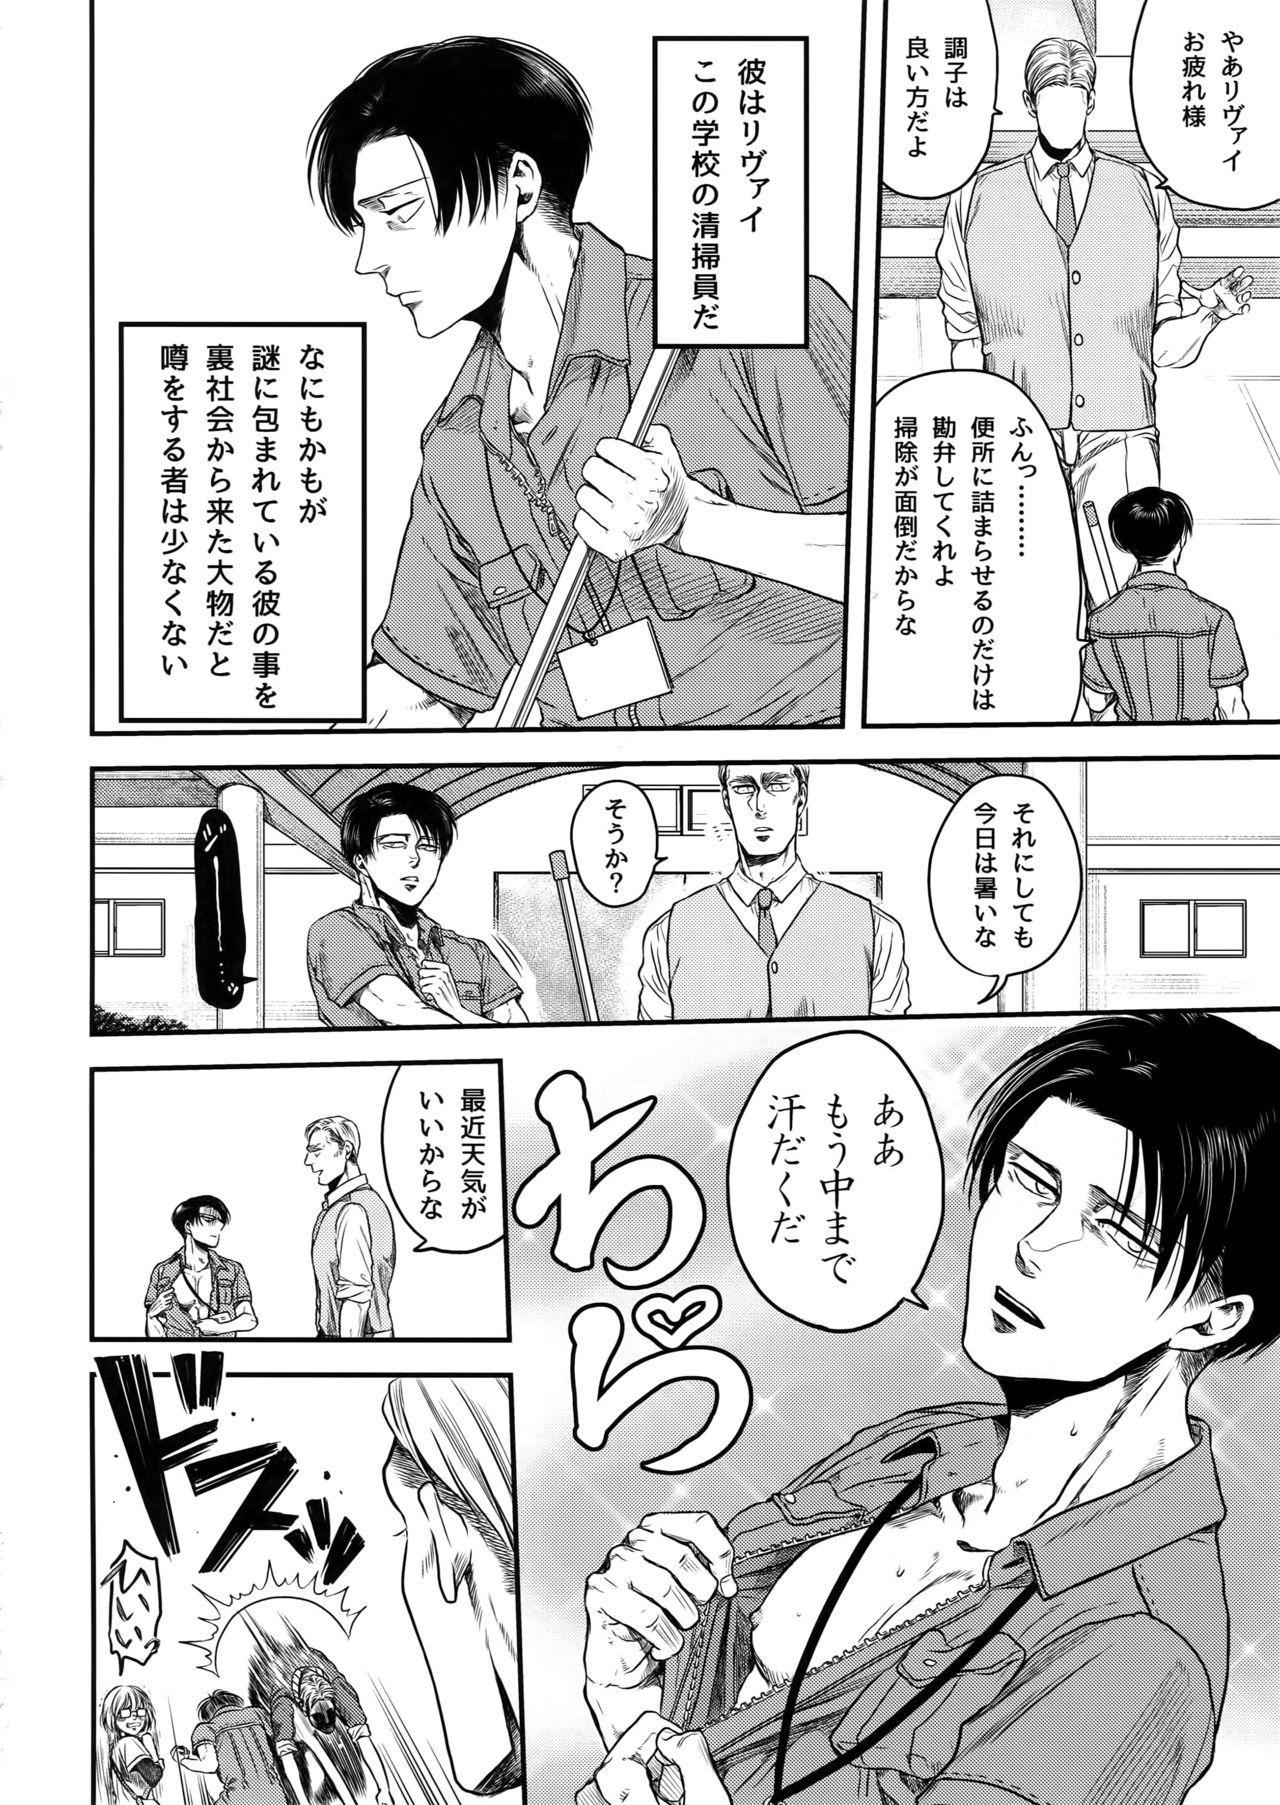 Rekishi Kyoushi to Seisouin 2